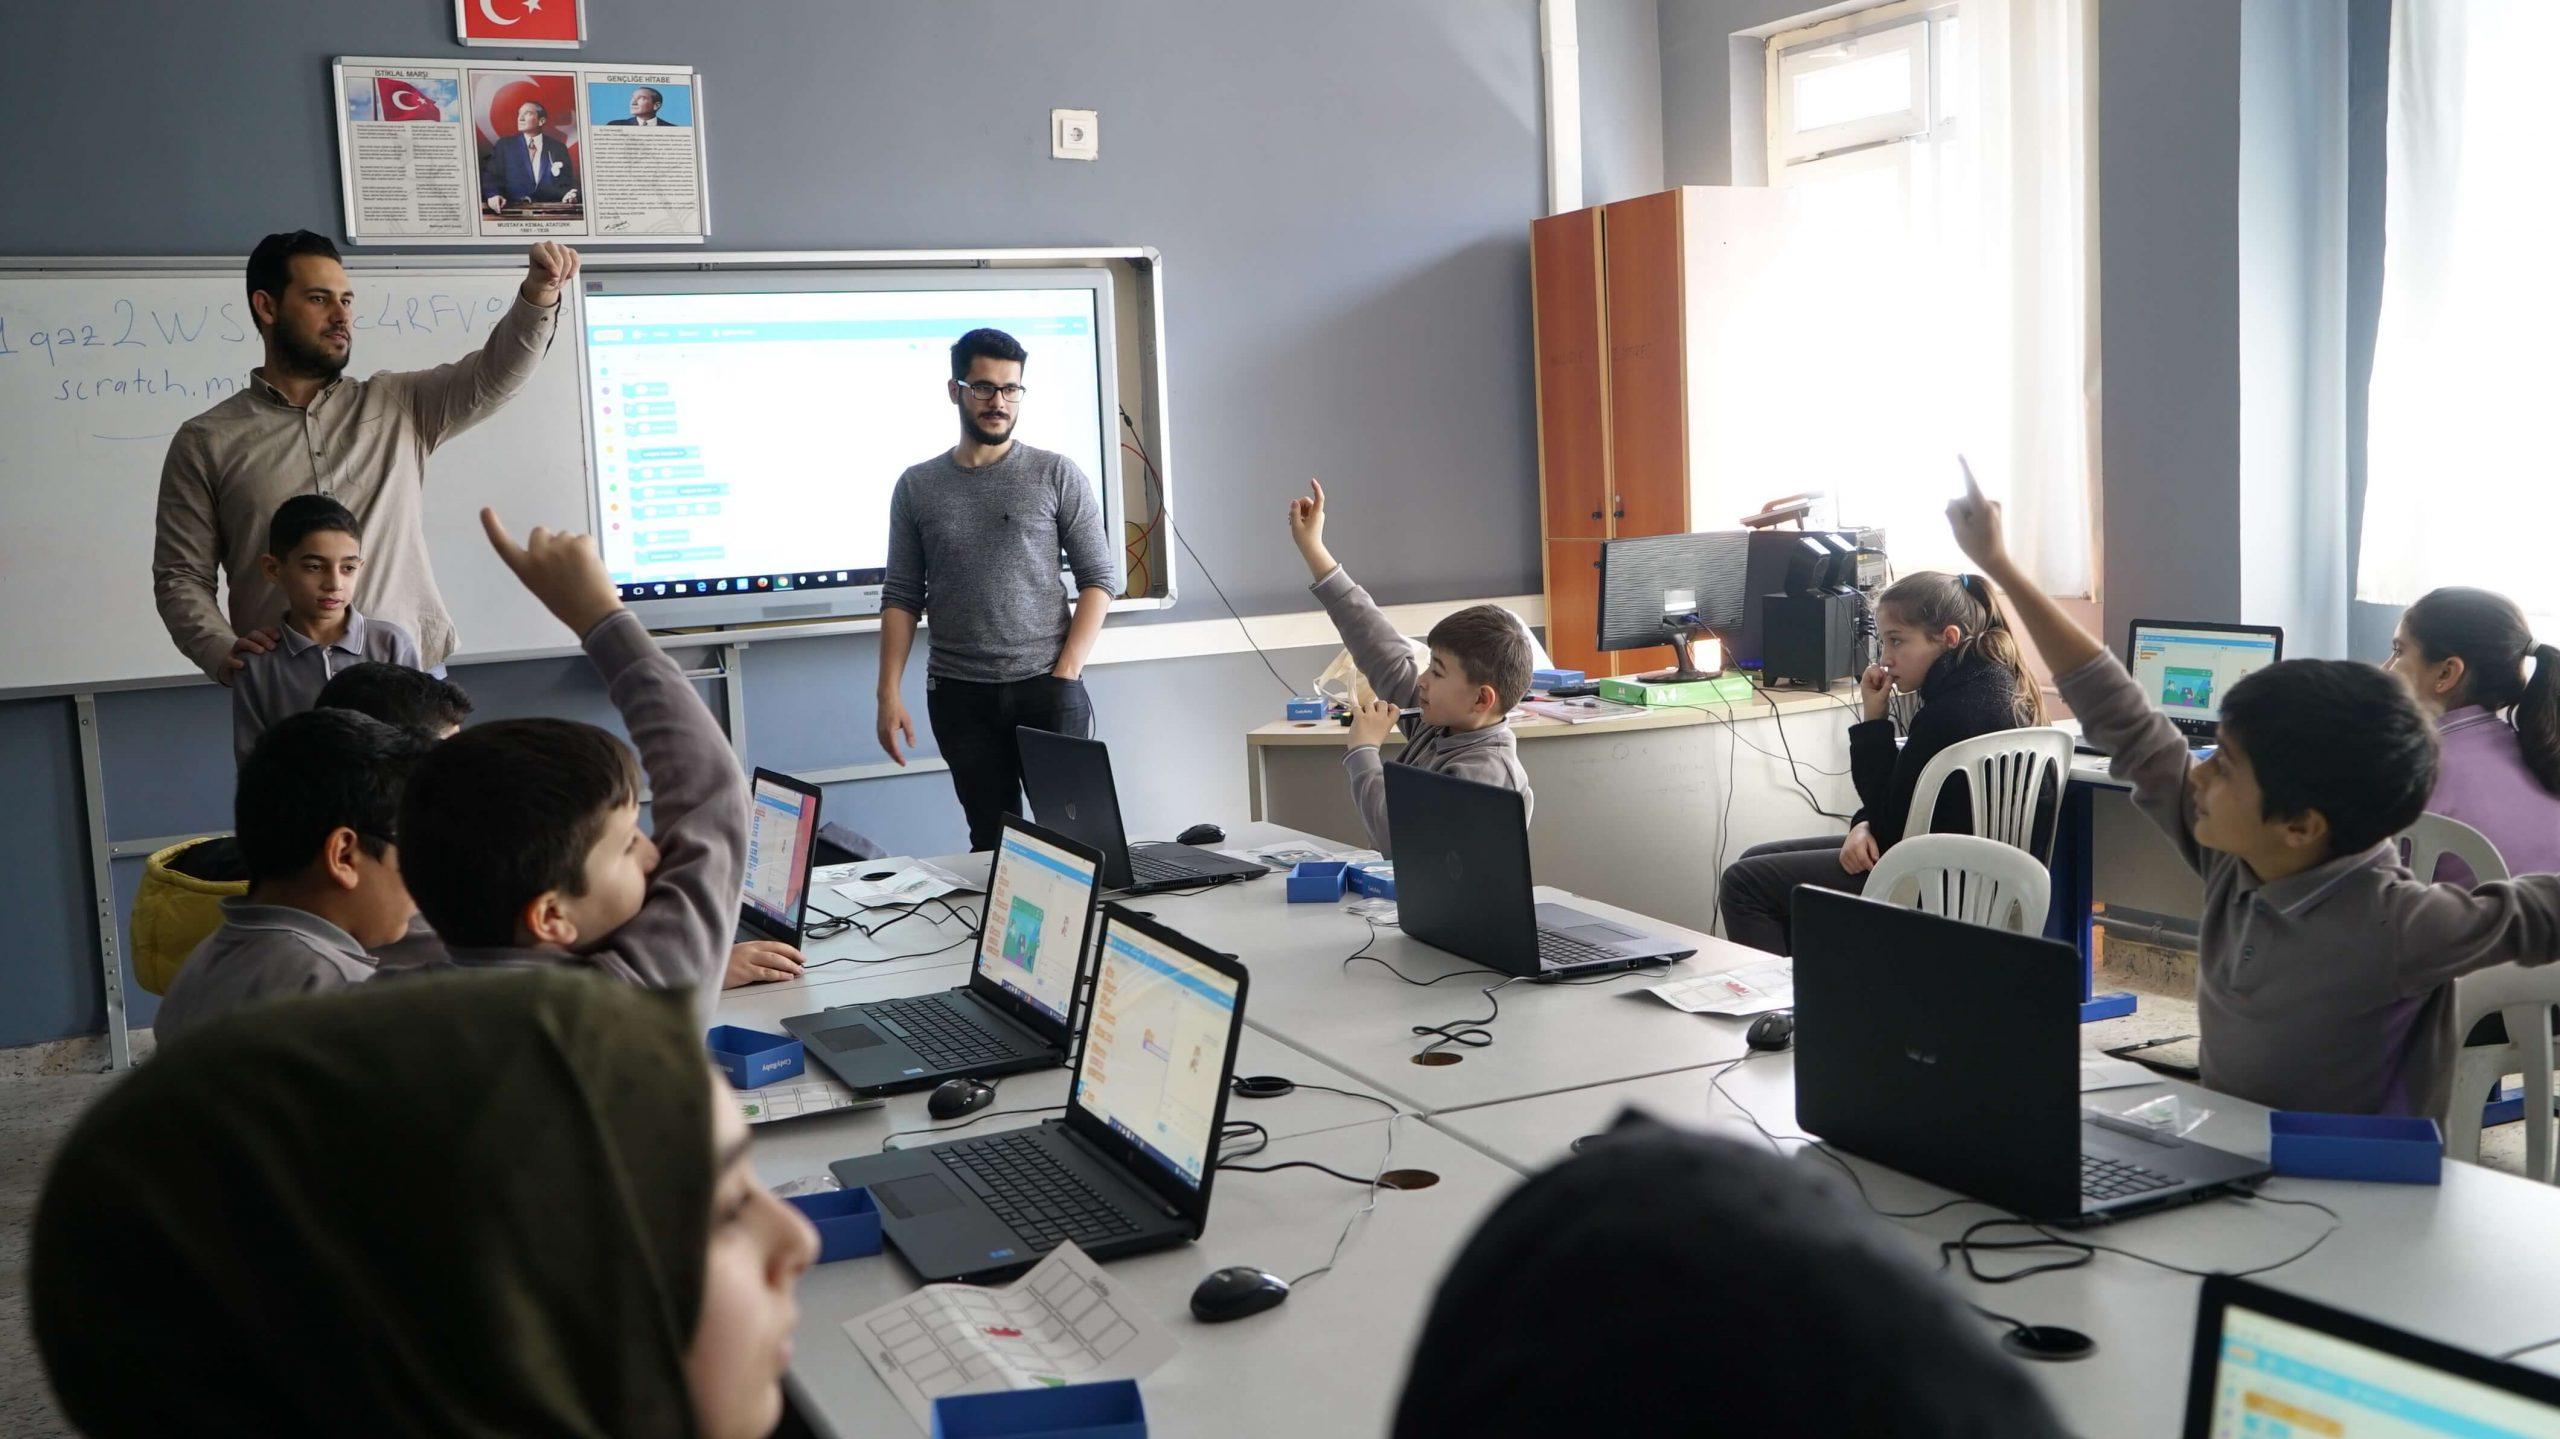 CardFinans ve Habitat Derneği Ayşe Çarmıklı Ortaokulu'na teknoloji sınıfı kurdu